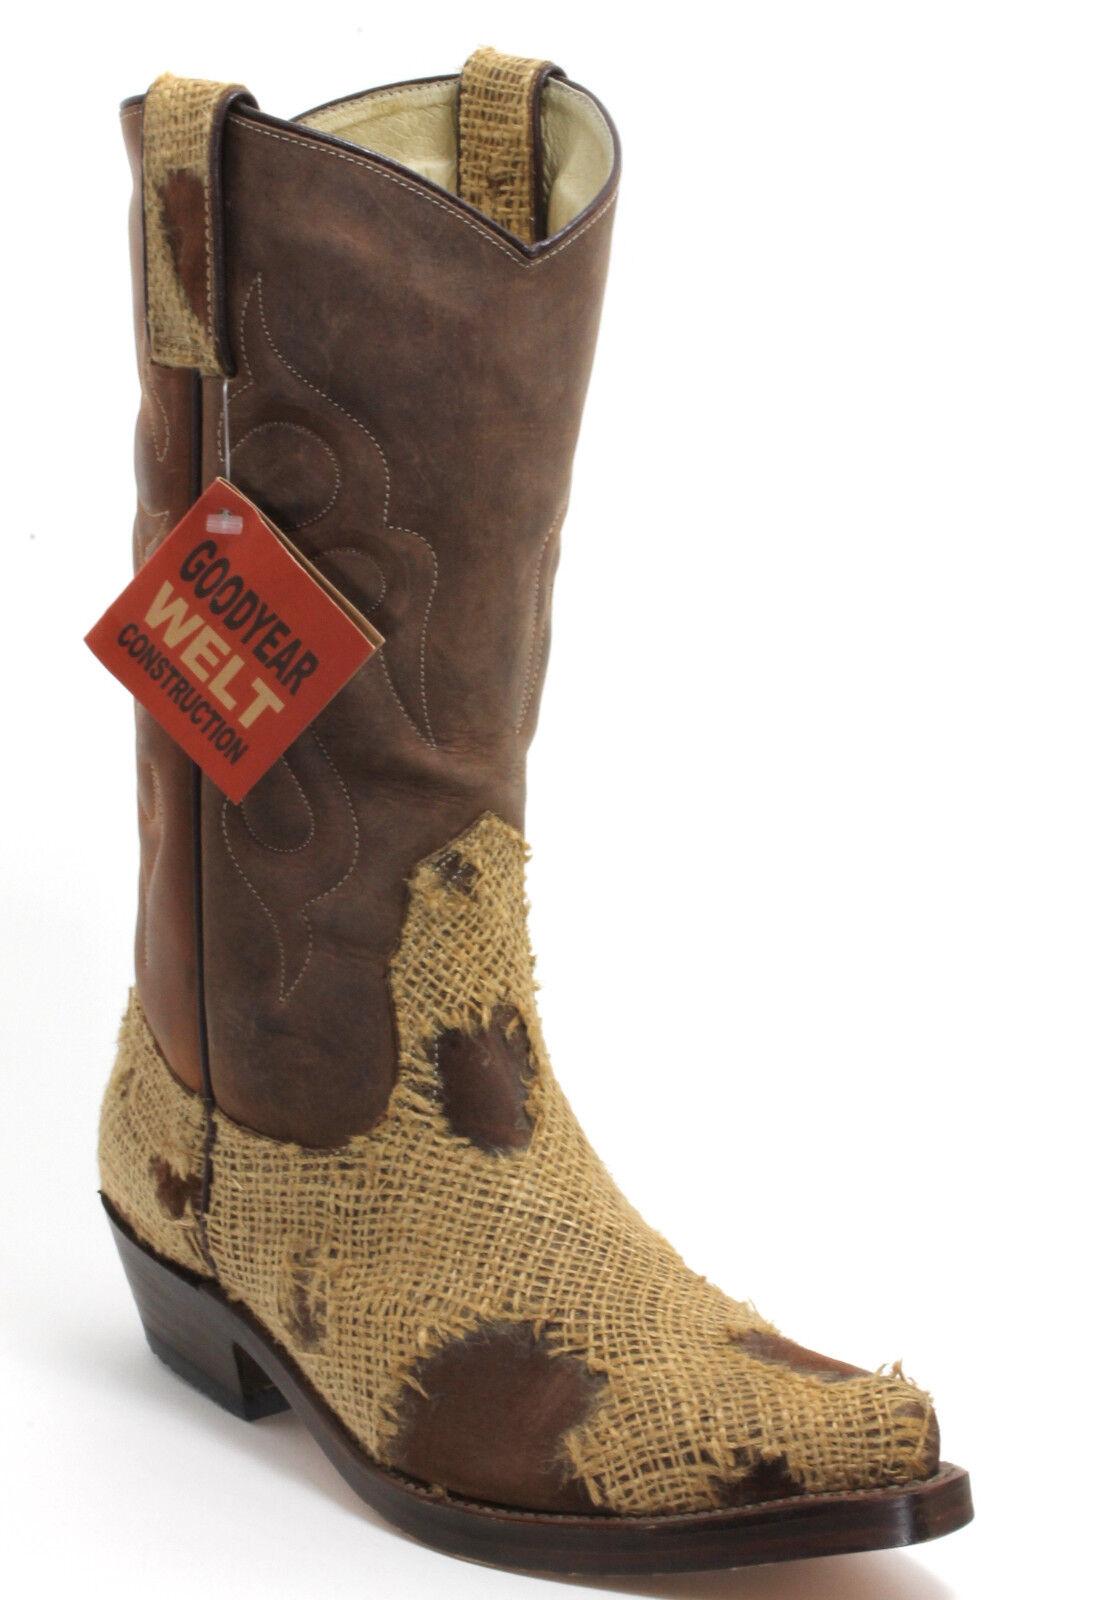 106 botas de vaquero Western botas texas solchaga solchaga solchaga style fashion tequila botas 41  venta directa de fábrica